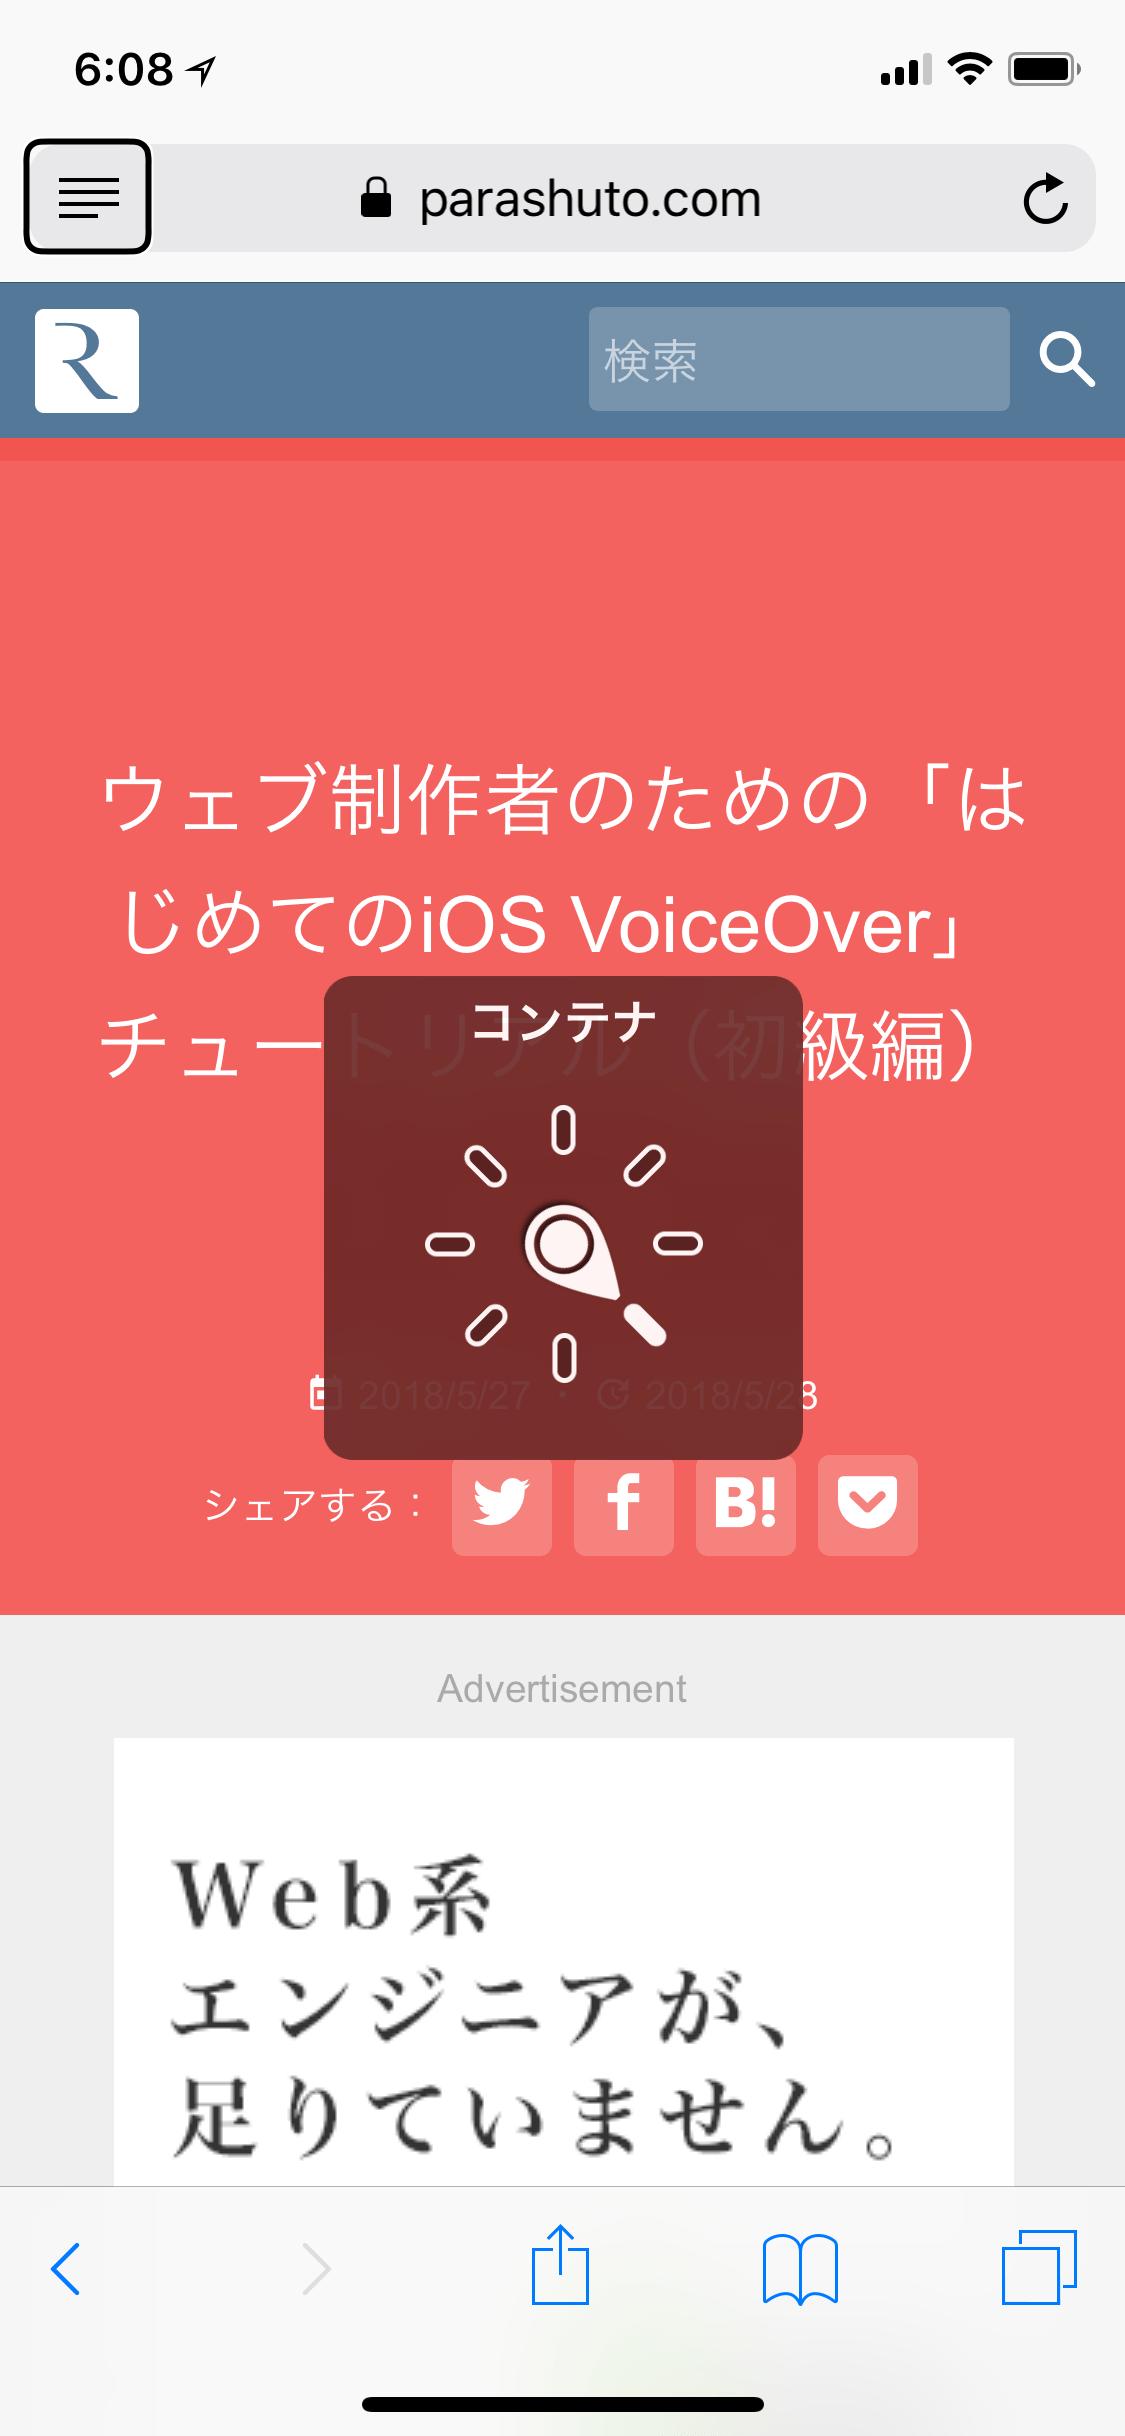 iPhoneでVoiceOverのローターが表示された状態。「コンテナ」が選択されている